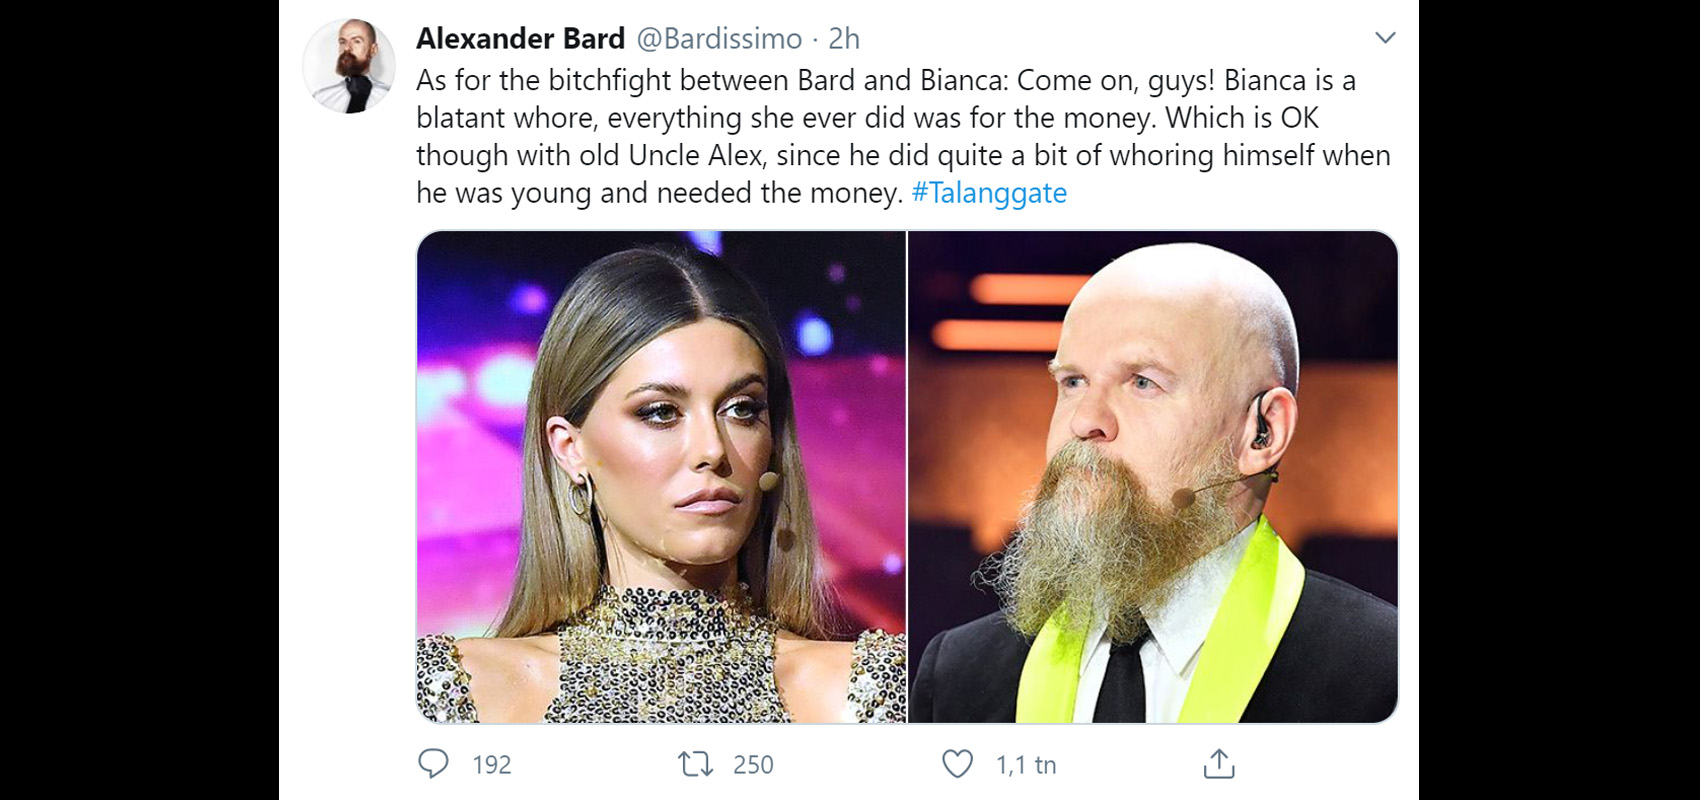 Alexander Bard - Bianca Ingrosso är en skamlös hora